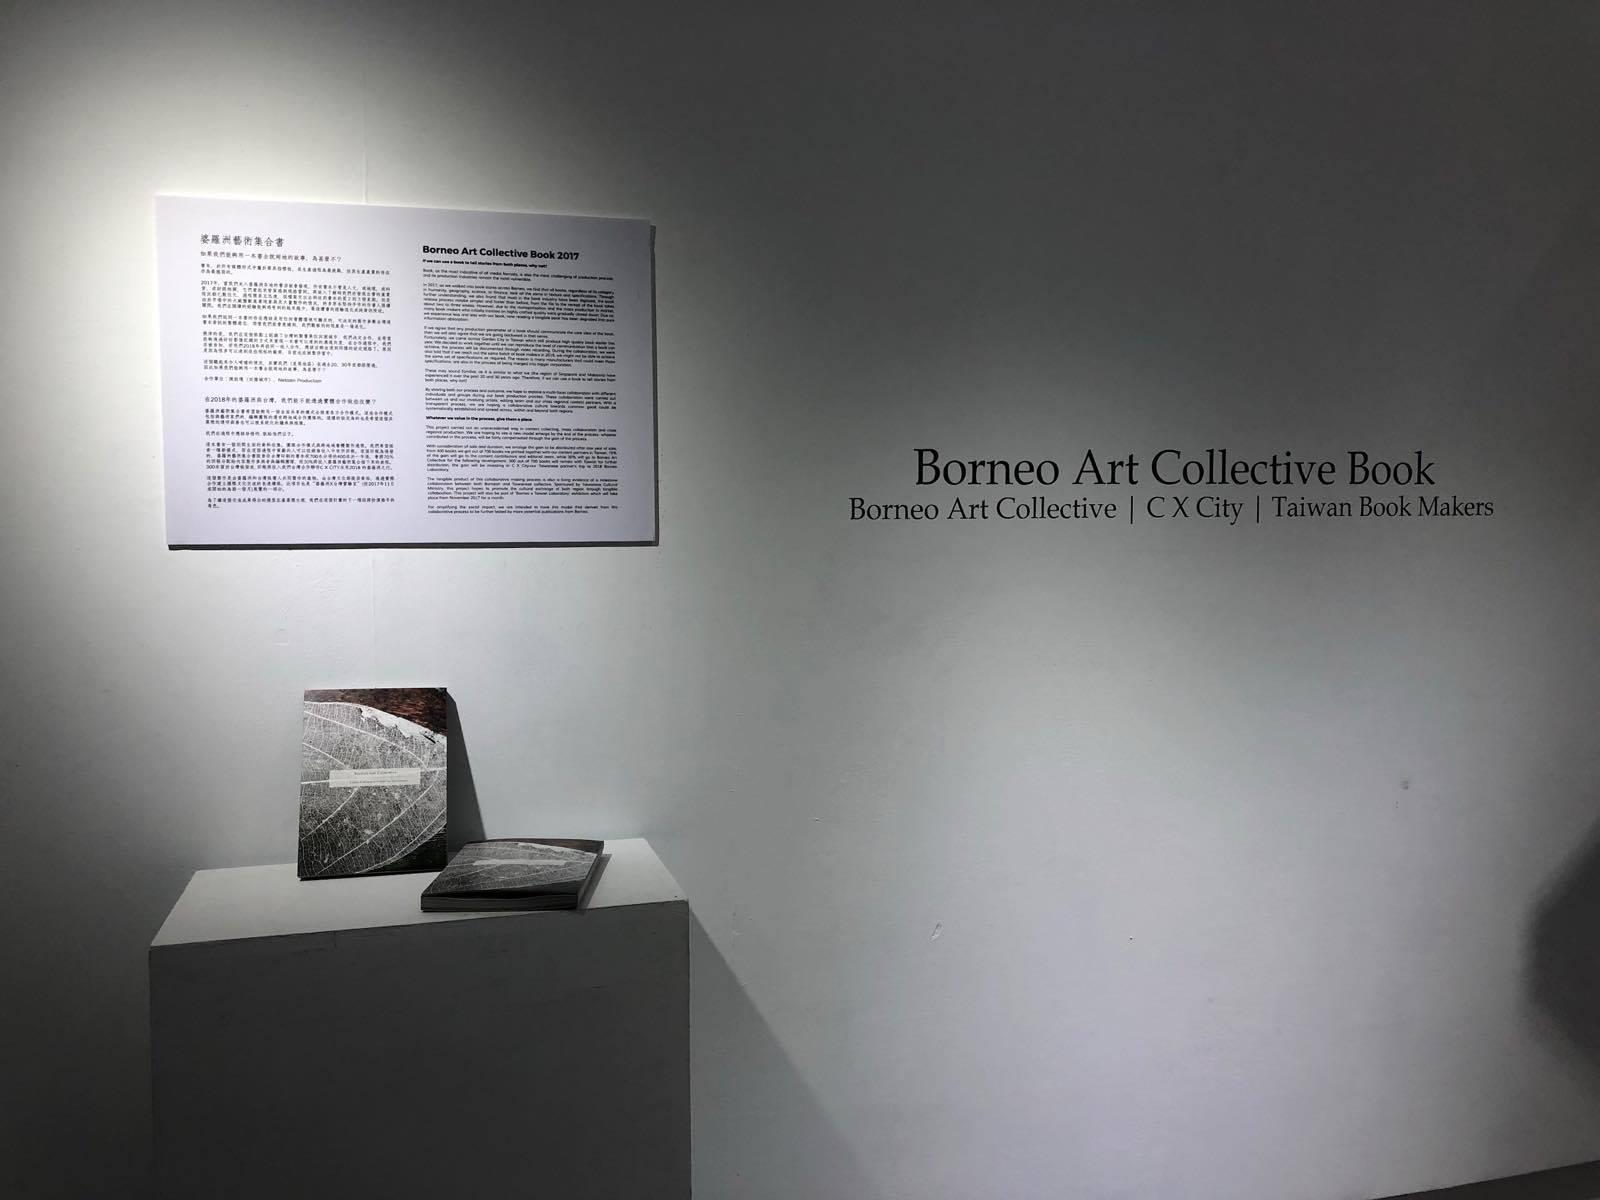 Borneo Art Collective Book